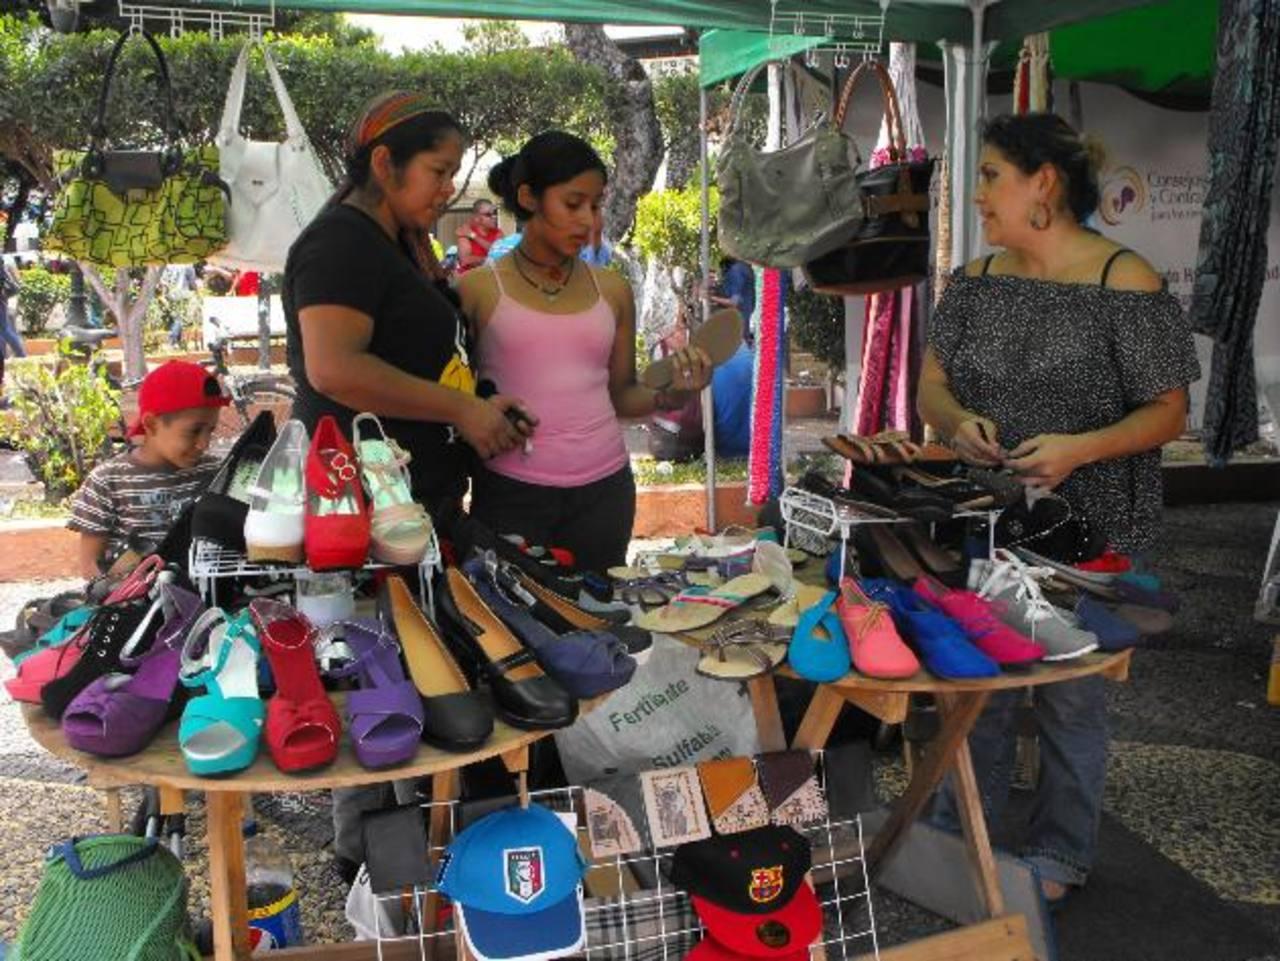 Uno de los objetivos del evento era que las mujeres dieran a conocer sus productos. Foto EDH /MAURICIO GUEVARA